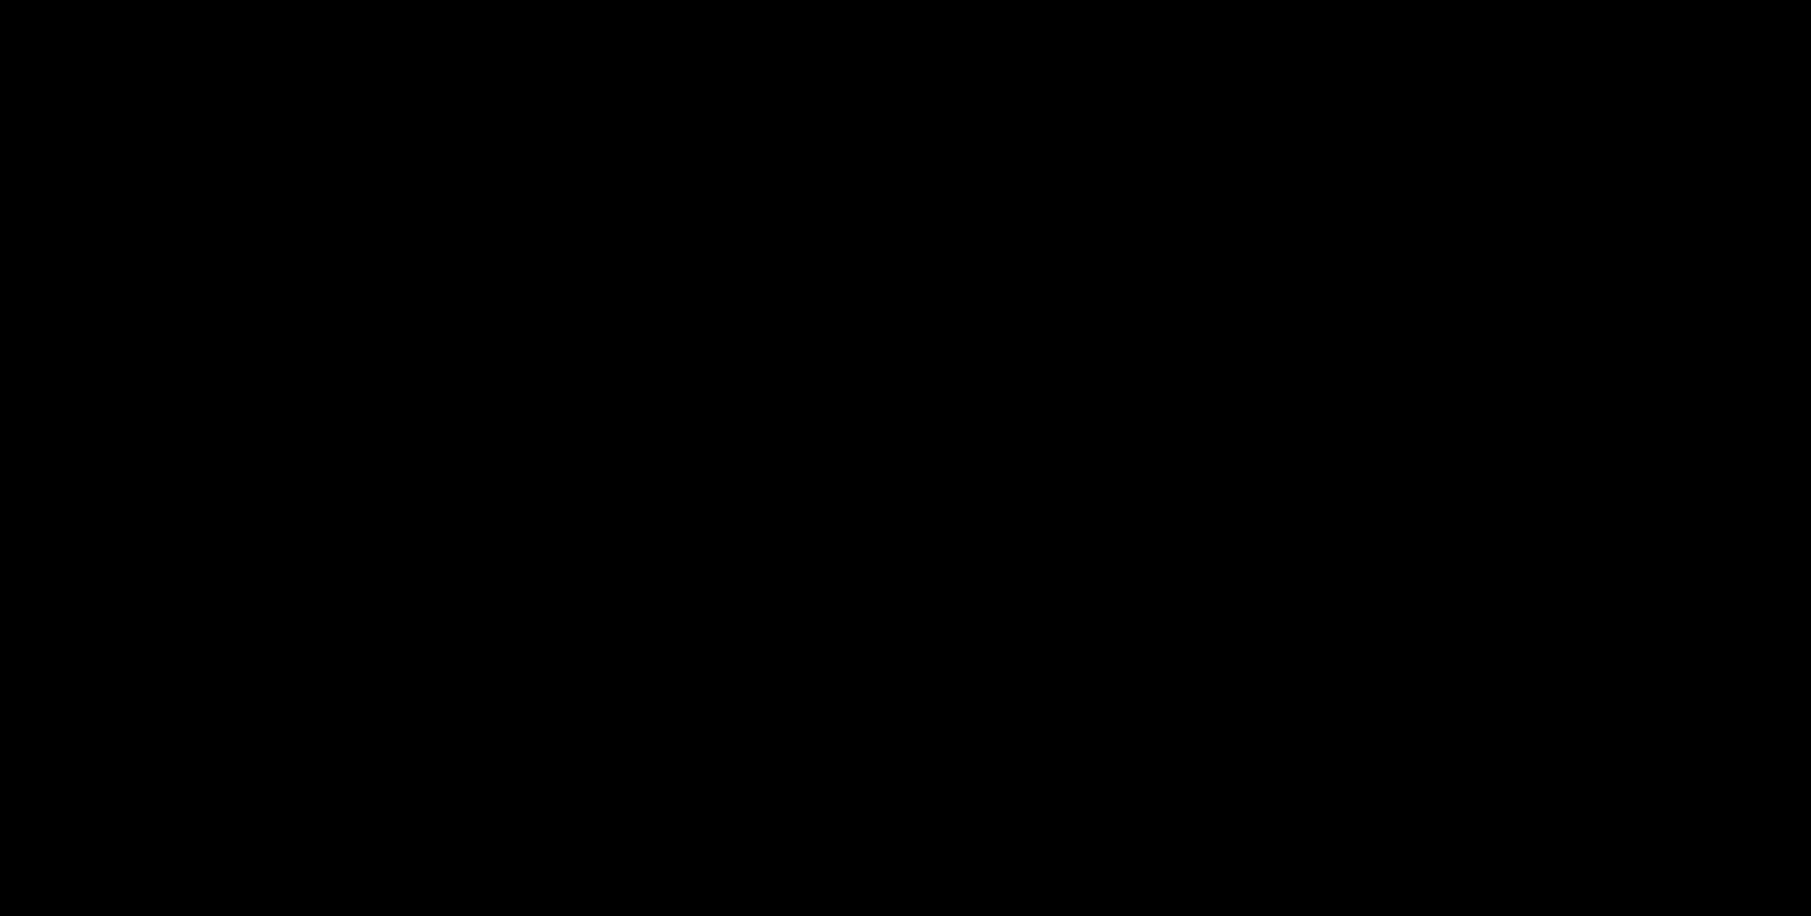 Der Funktionsgraph der Funktion f(x)=1,5x